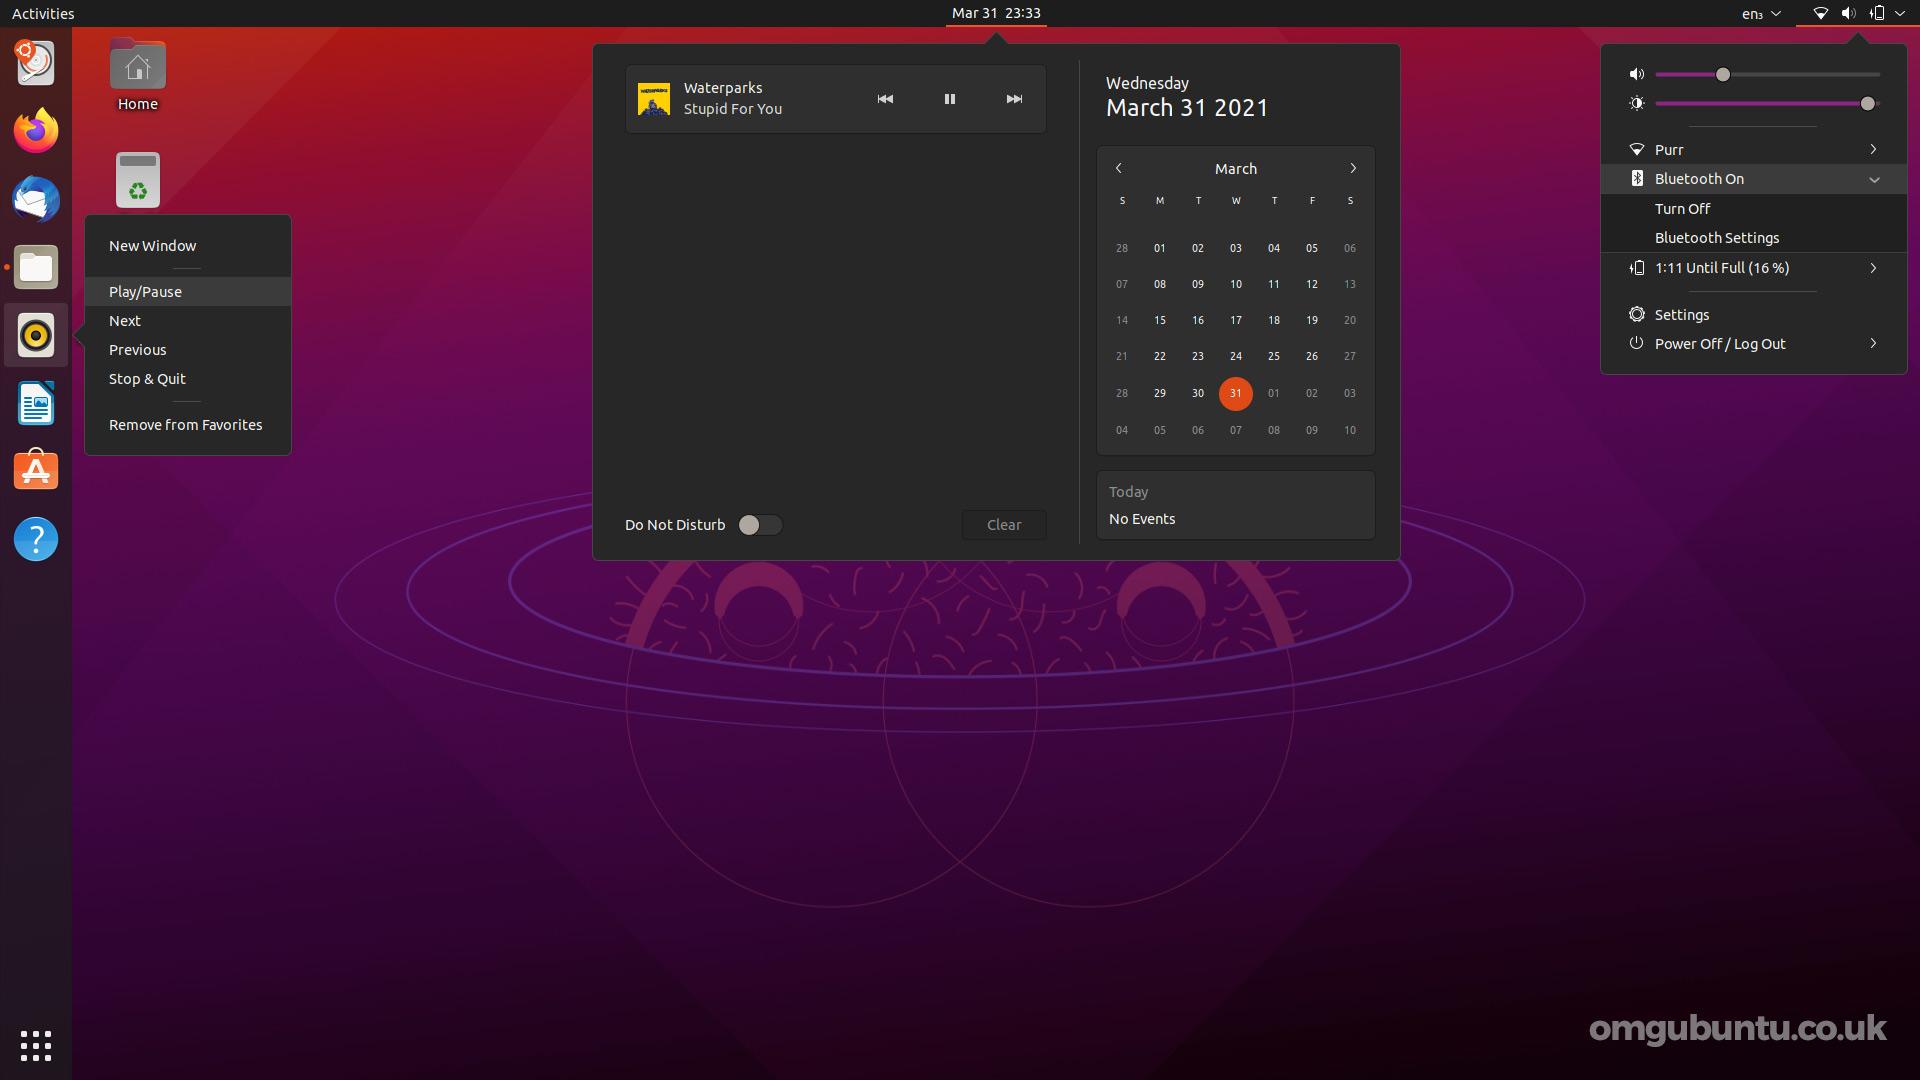 Ubuntu 21.04: dark theme